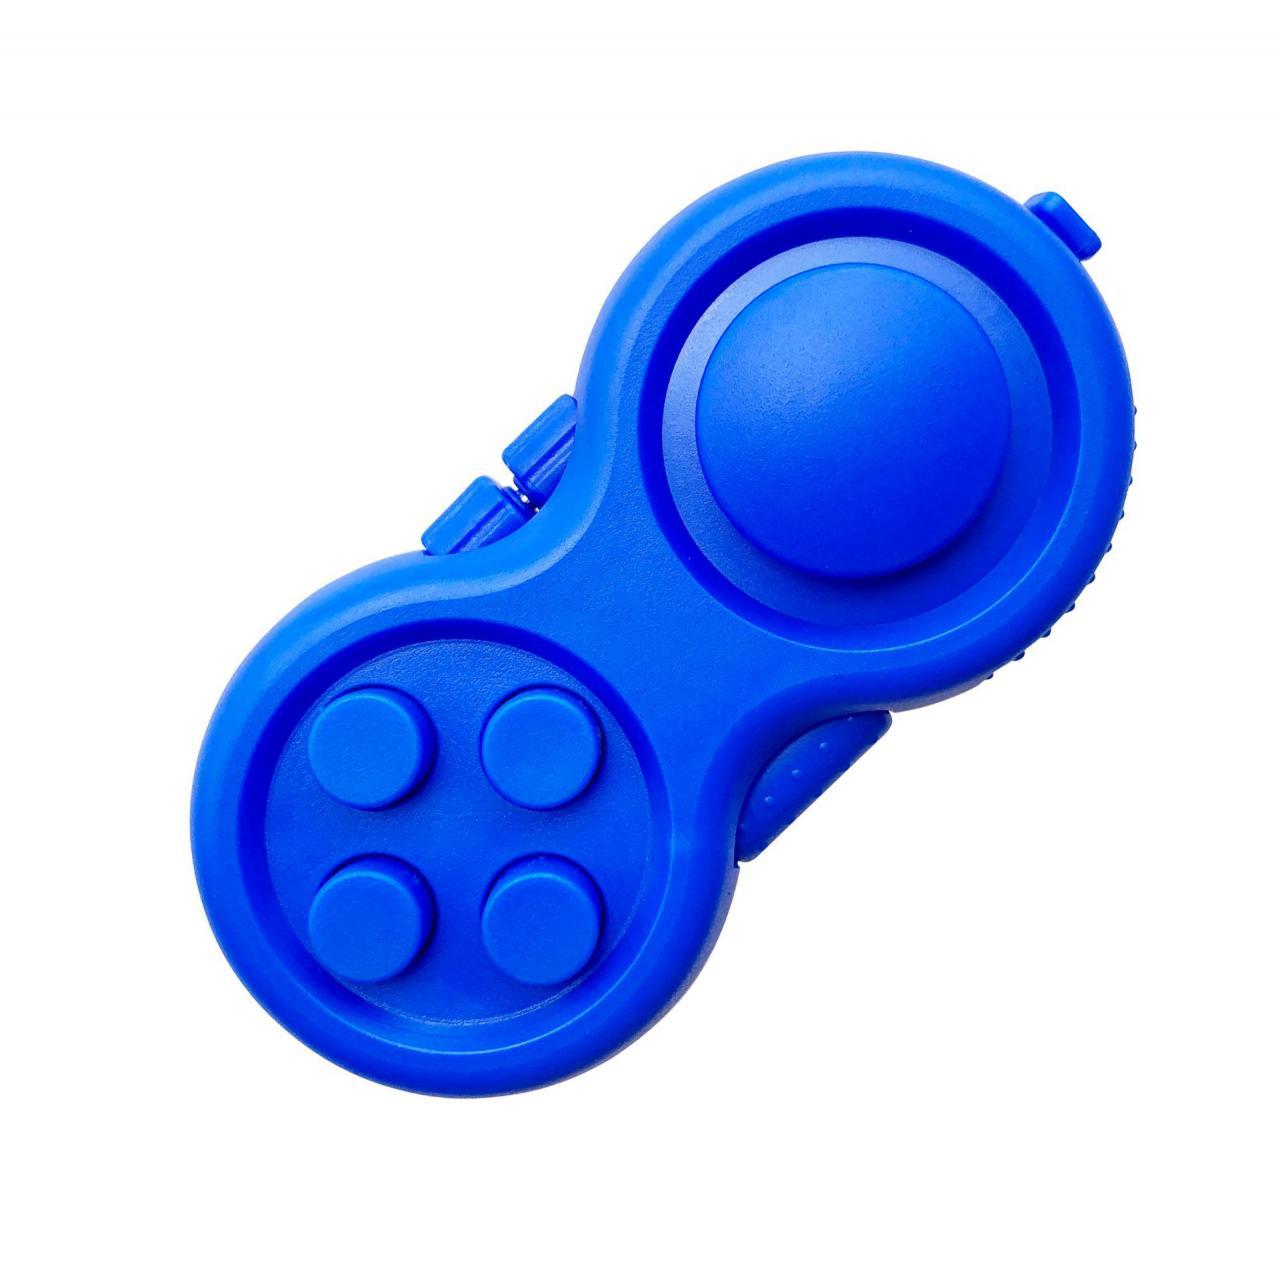 H1d8d0d9d1ea34d4da29fed984b50bbadR - Fidget Pad